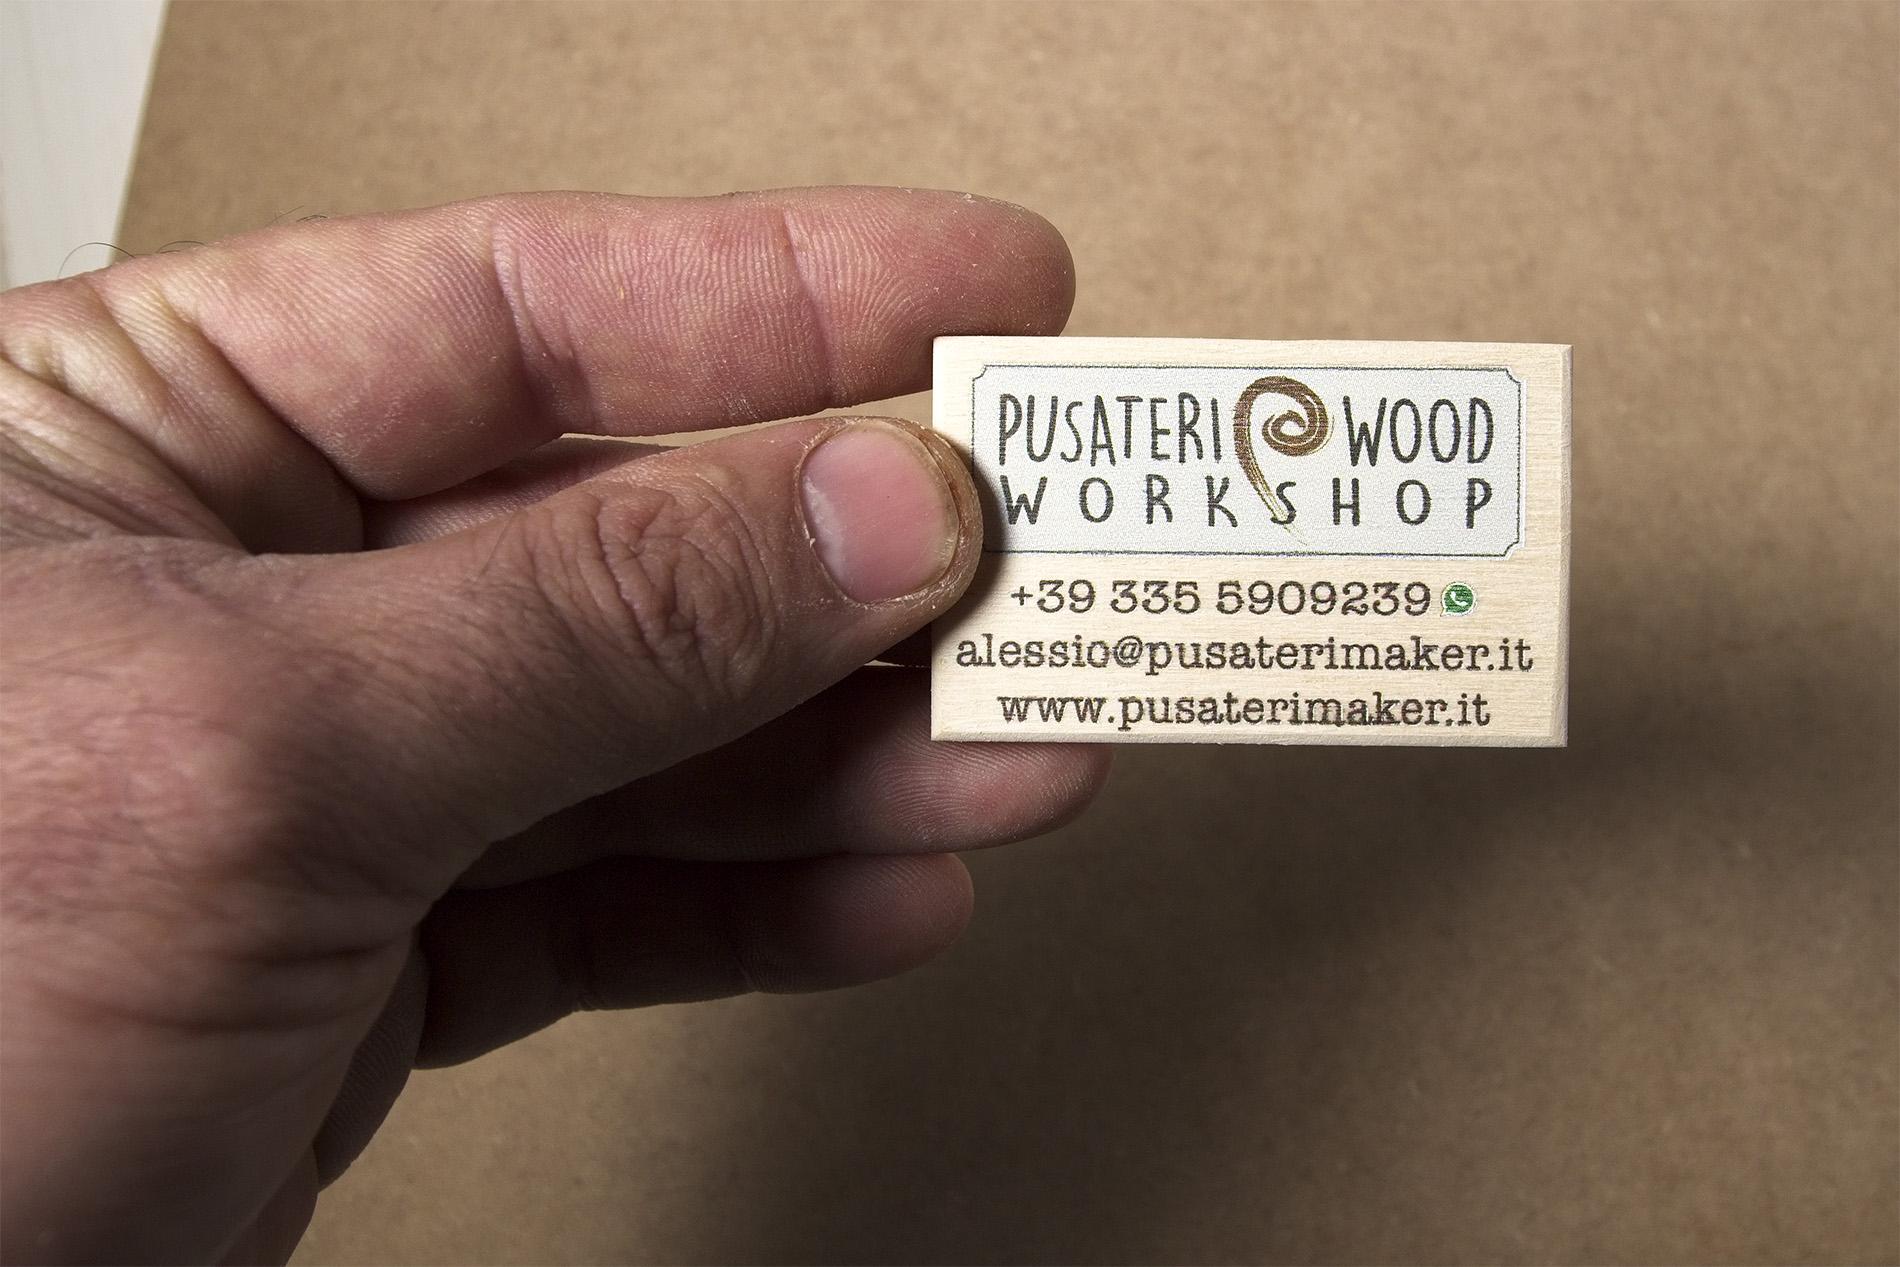 Legnetti Da Visita - Wooden Business Card - Biglietti Da Visita Di Legno